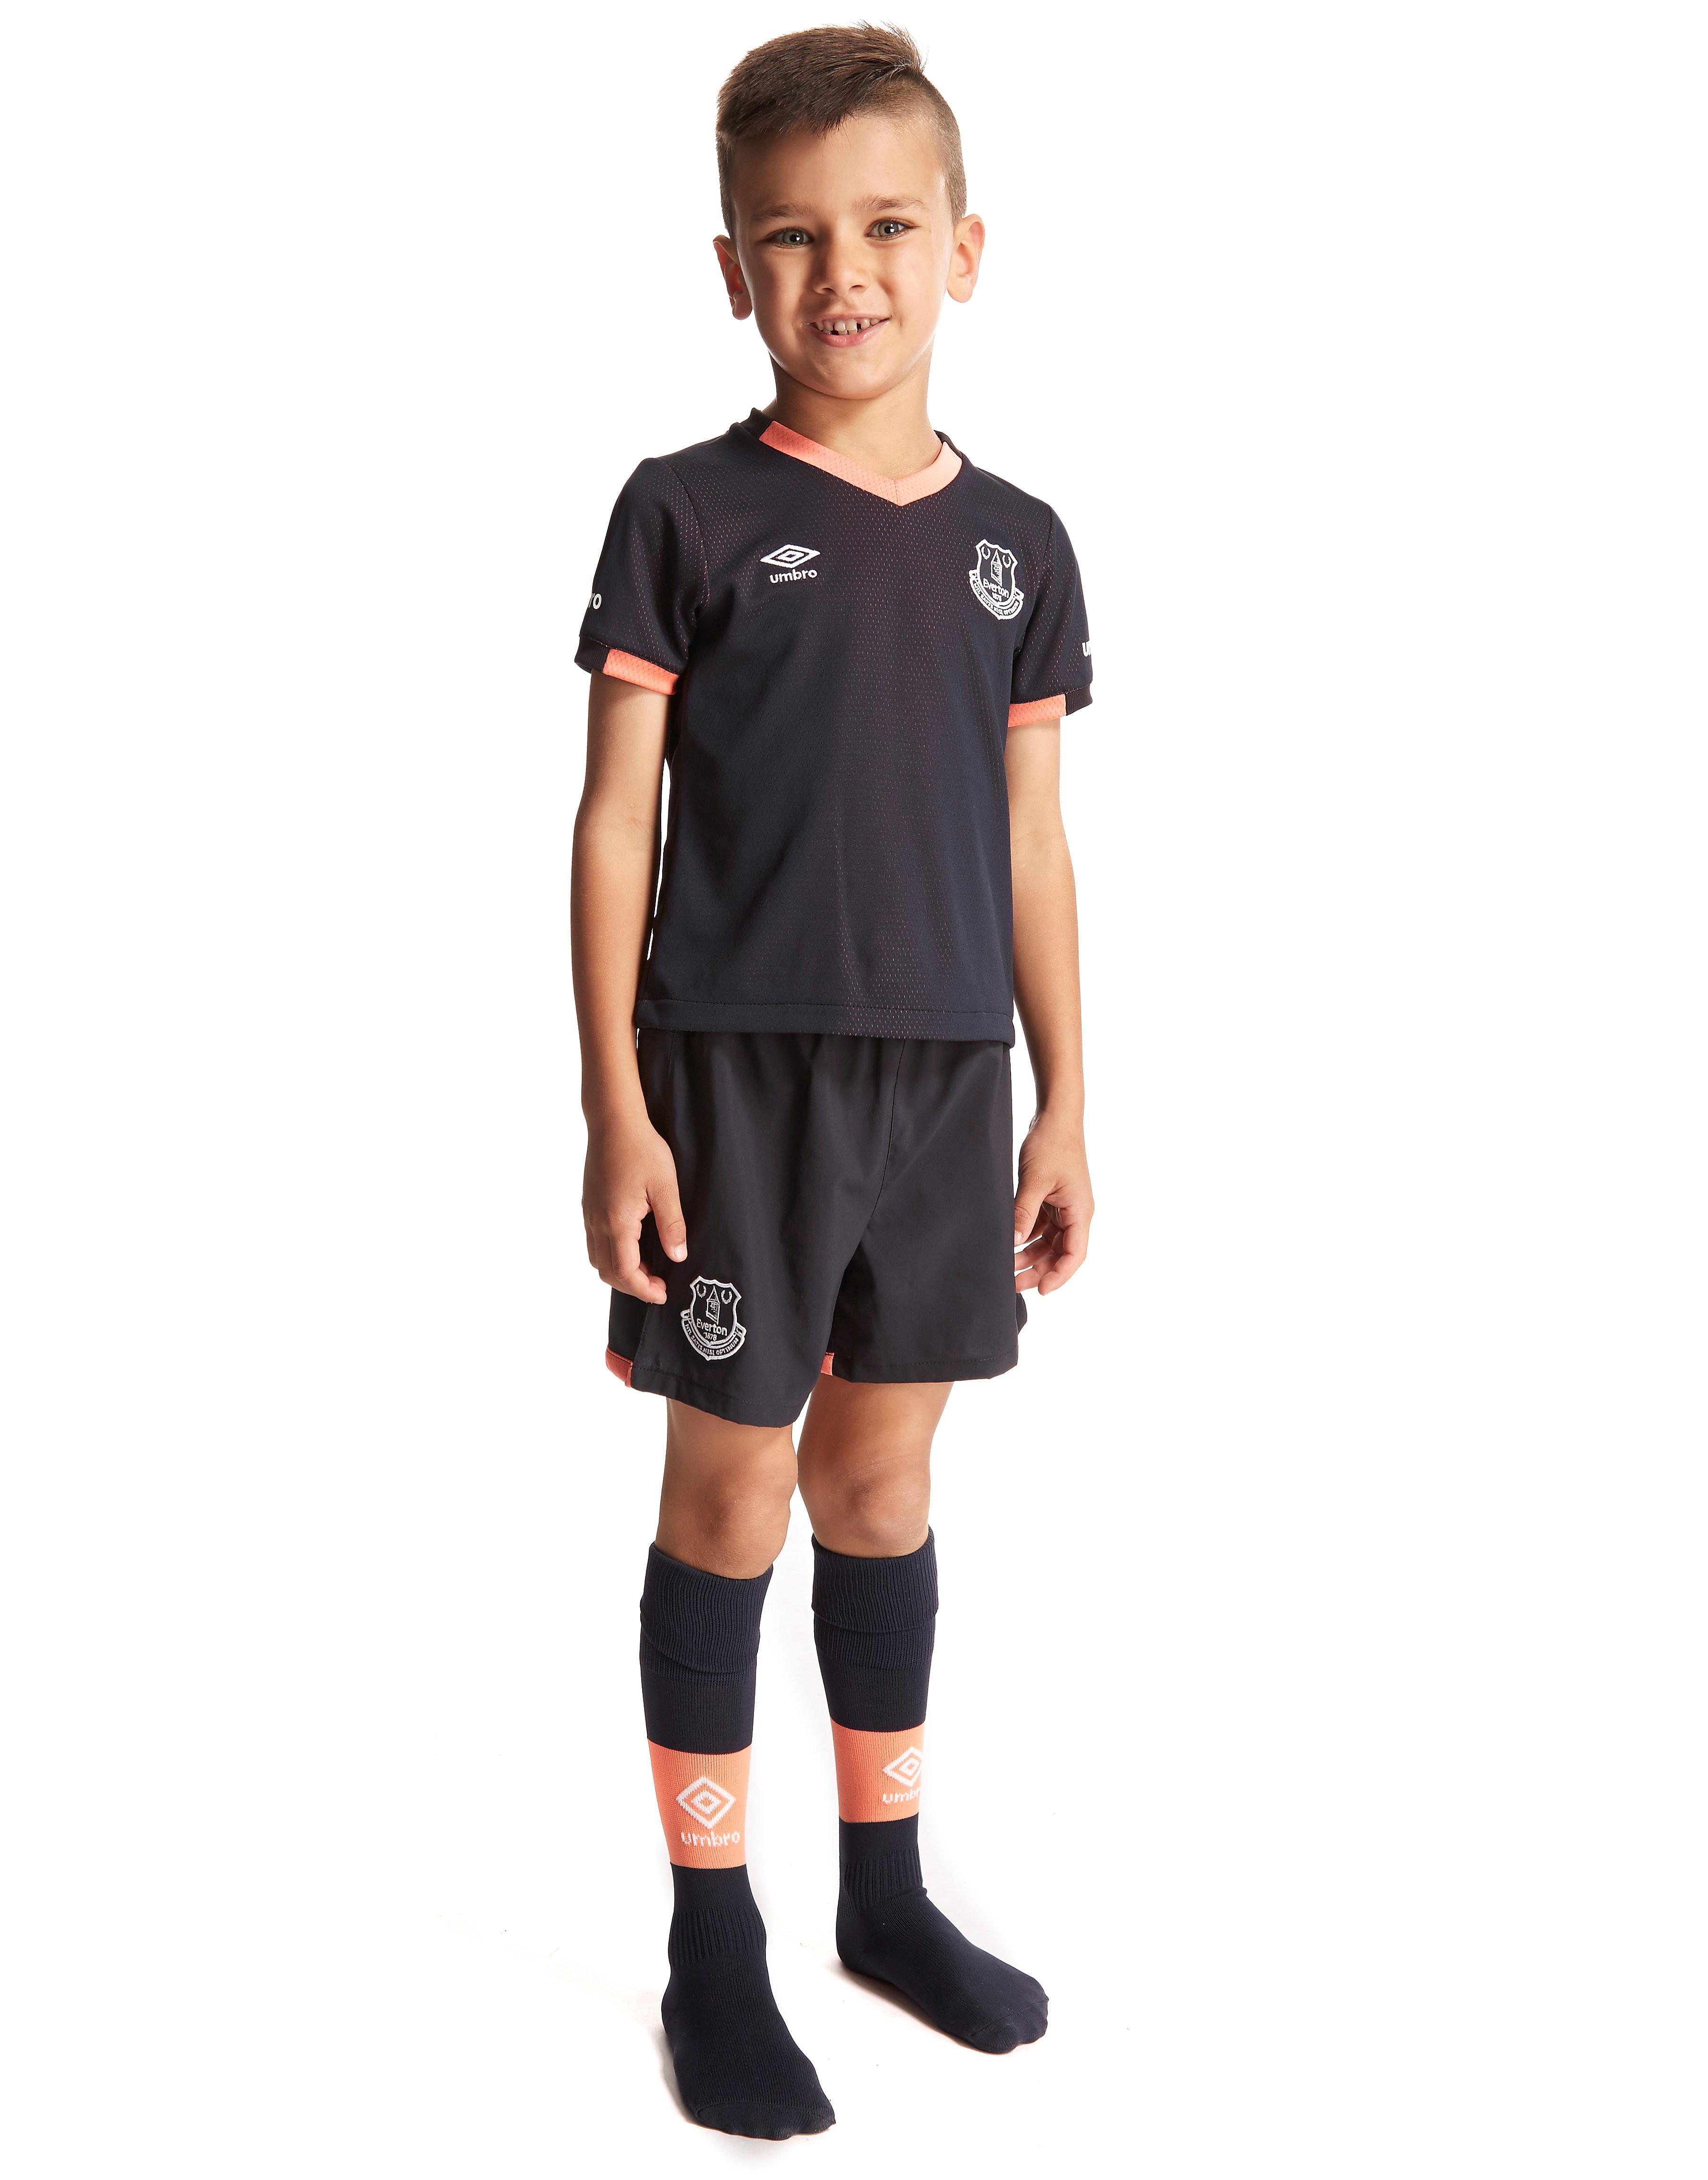 Umbro Everton FC 2016/17 Away Kit Children